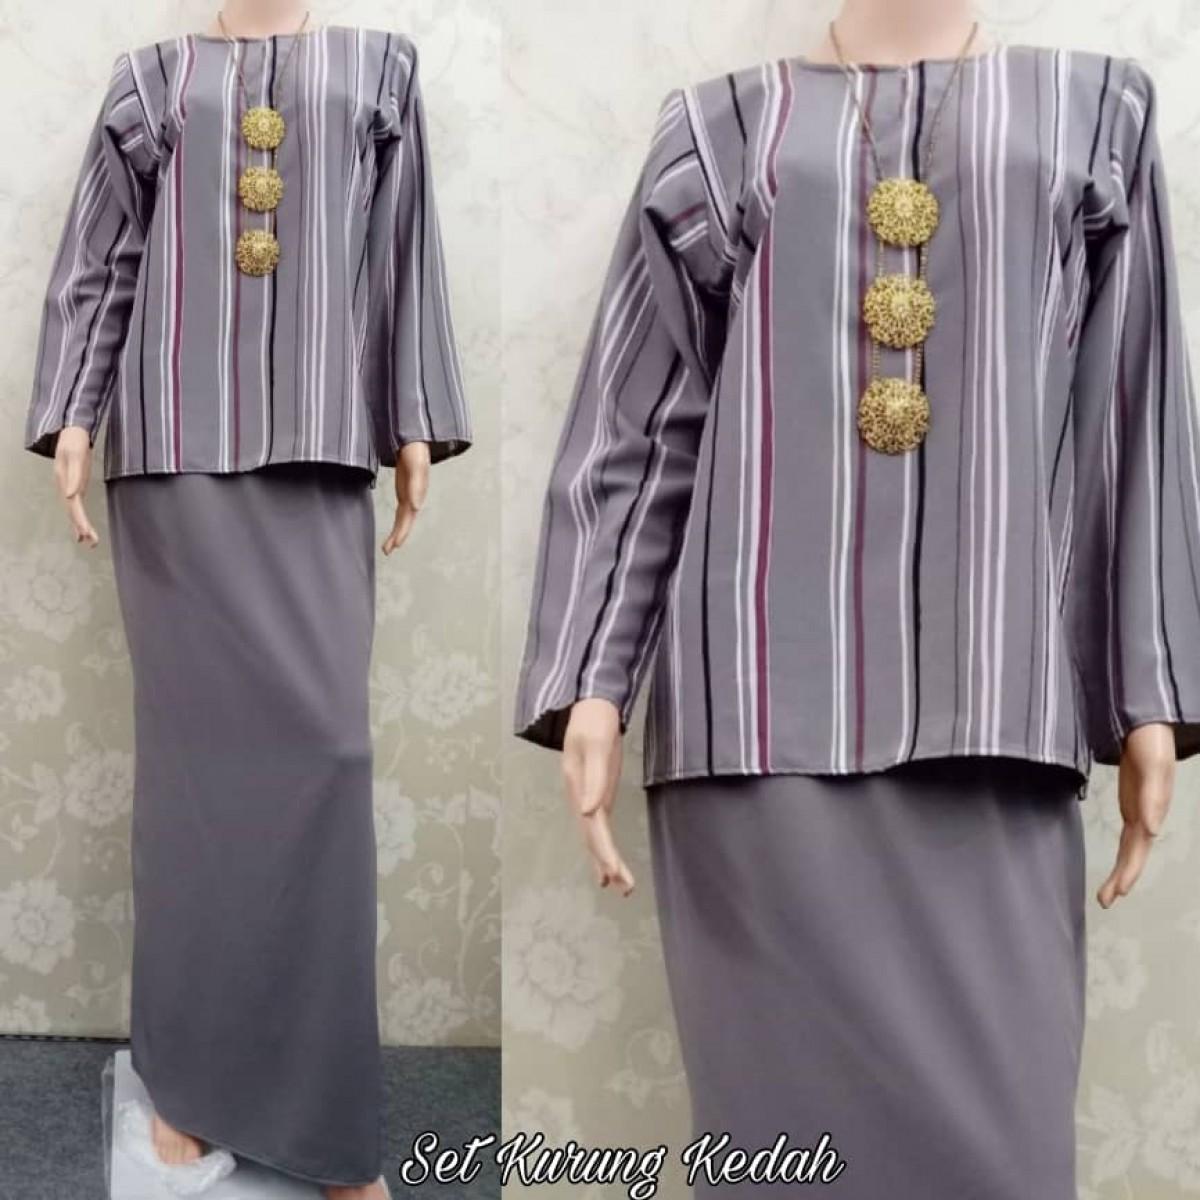 KURUNG KEDAH - K34 - Aiman Collection